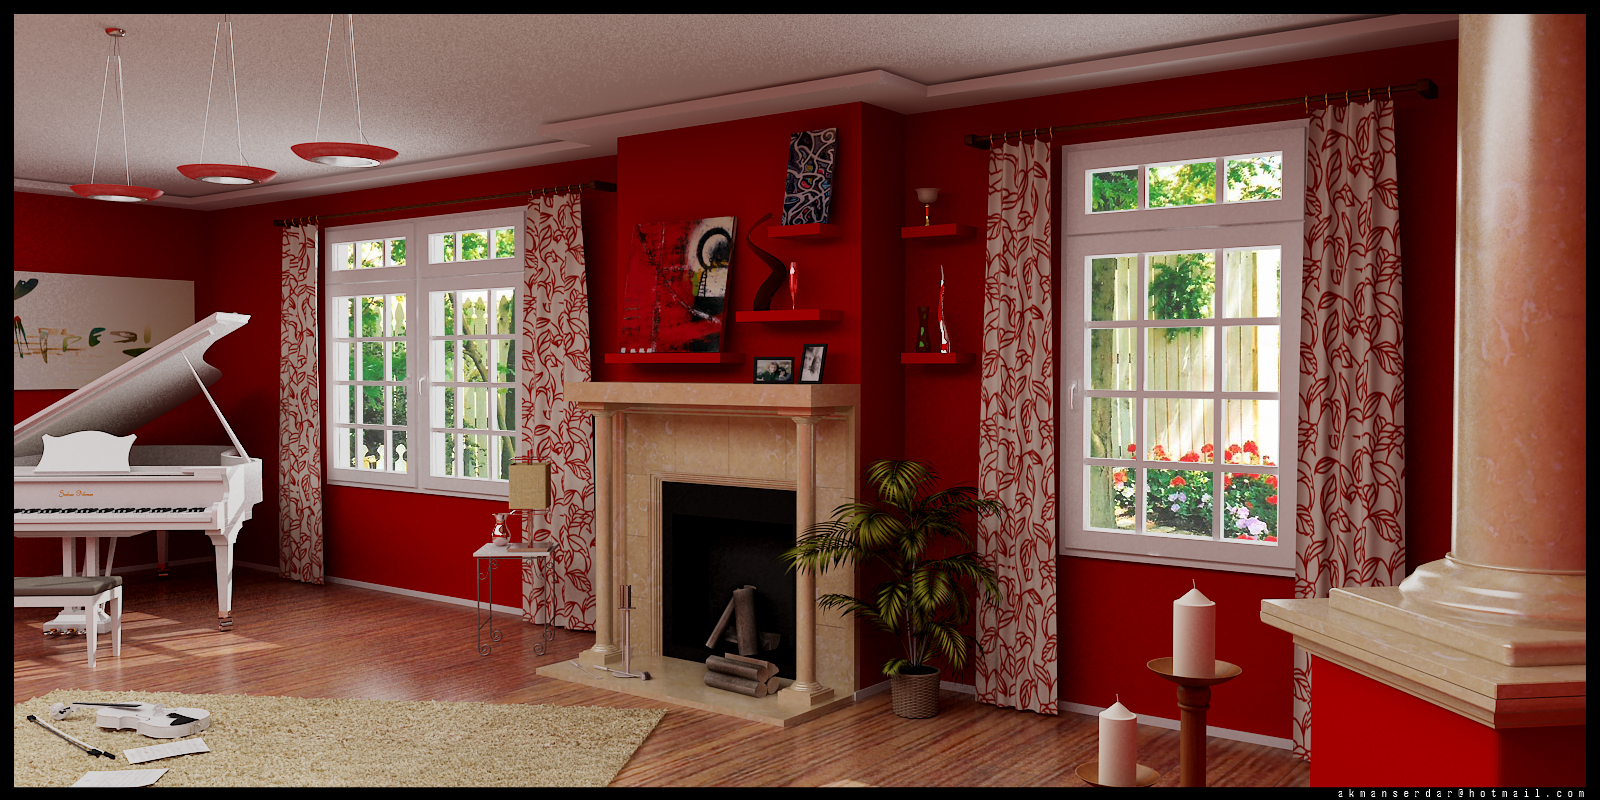 اصول کاربرد رنگ قرمز در دکوراسیون داخلی منزل